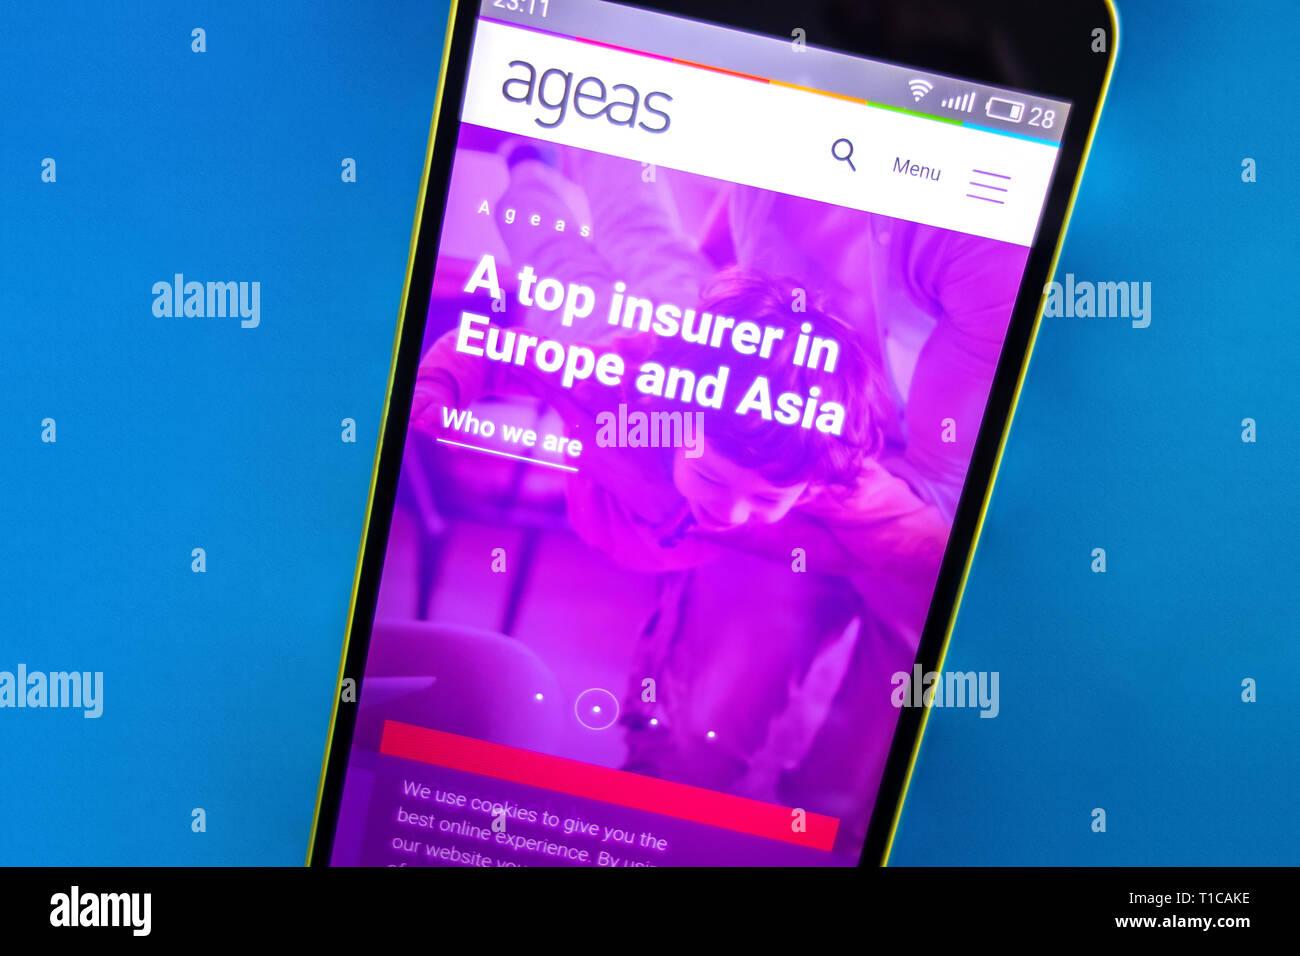 Berdyansk, Ukraine - März 23, 2019: Illustrative Editorial, Ageas Homepage. Ageas Logo sichtbar auf dem Bildschirm des Telefons. Stockbild